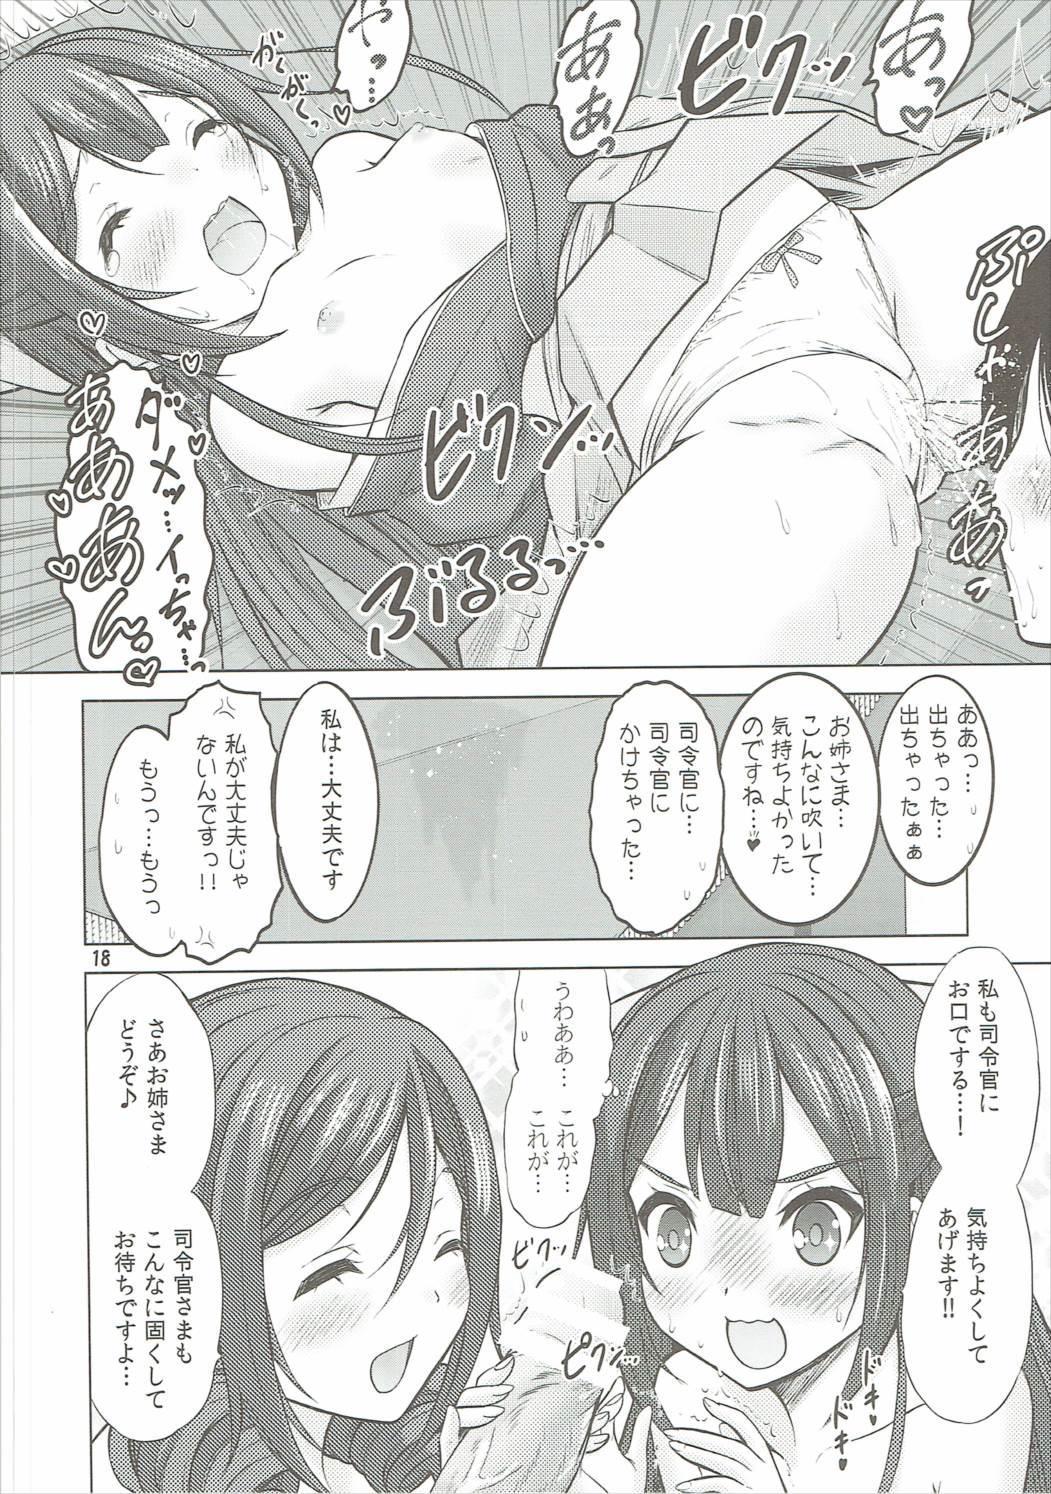 Kamikaze-gata Koufukuron 16